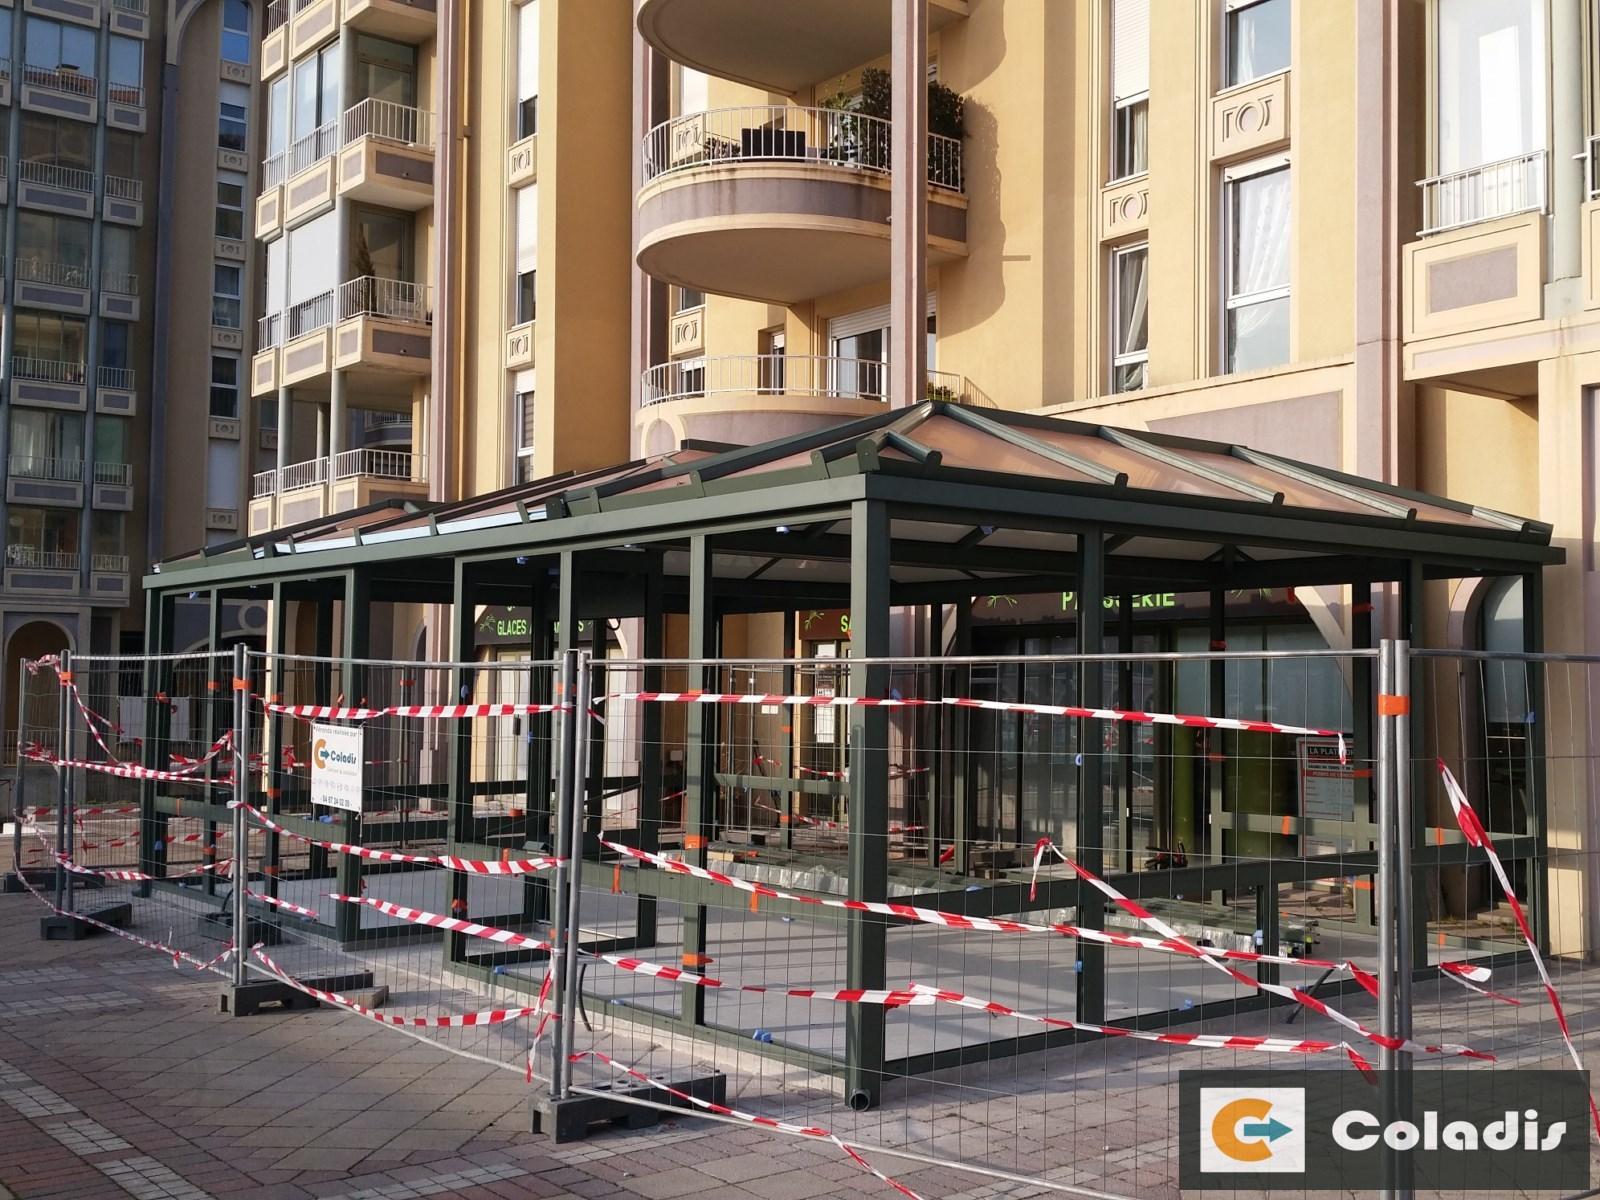 Coladis chantier véranda structure porteuse profilés aluminium montpellier hérault